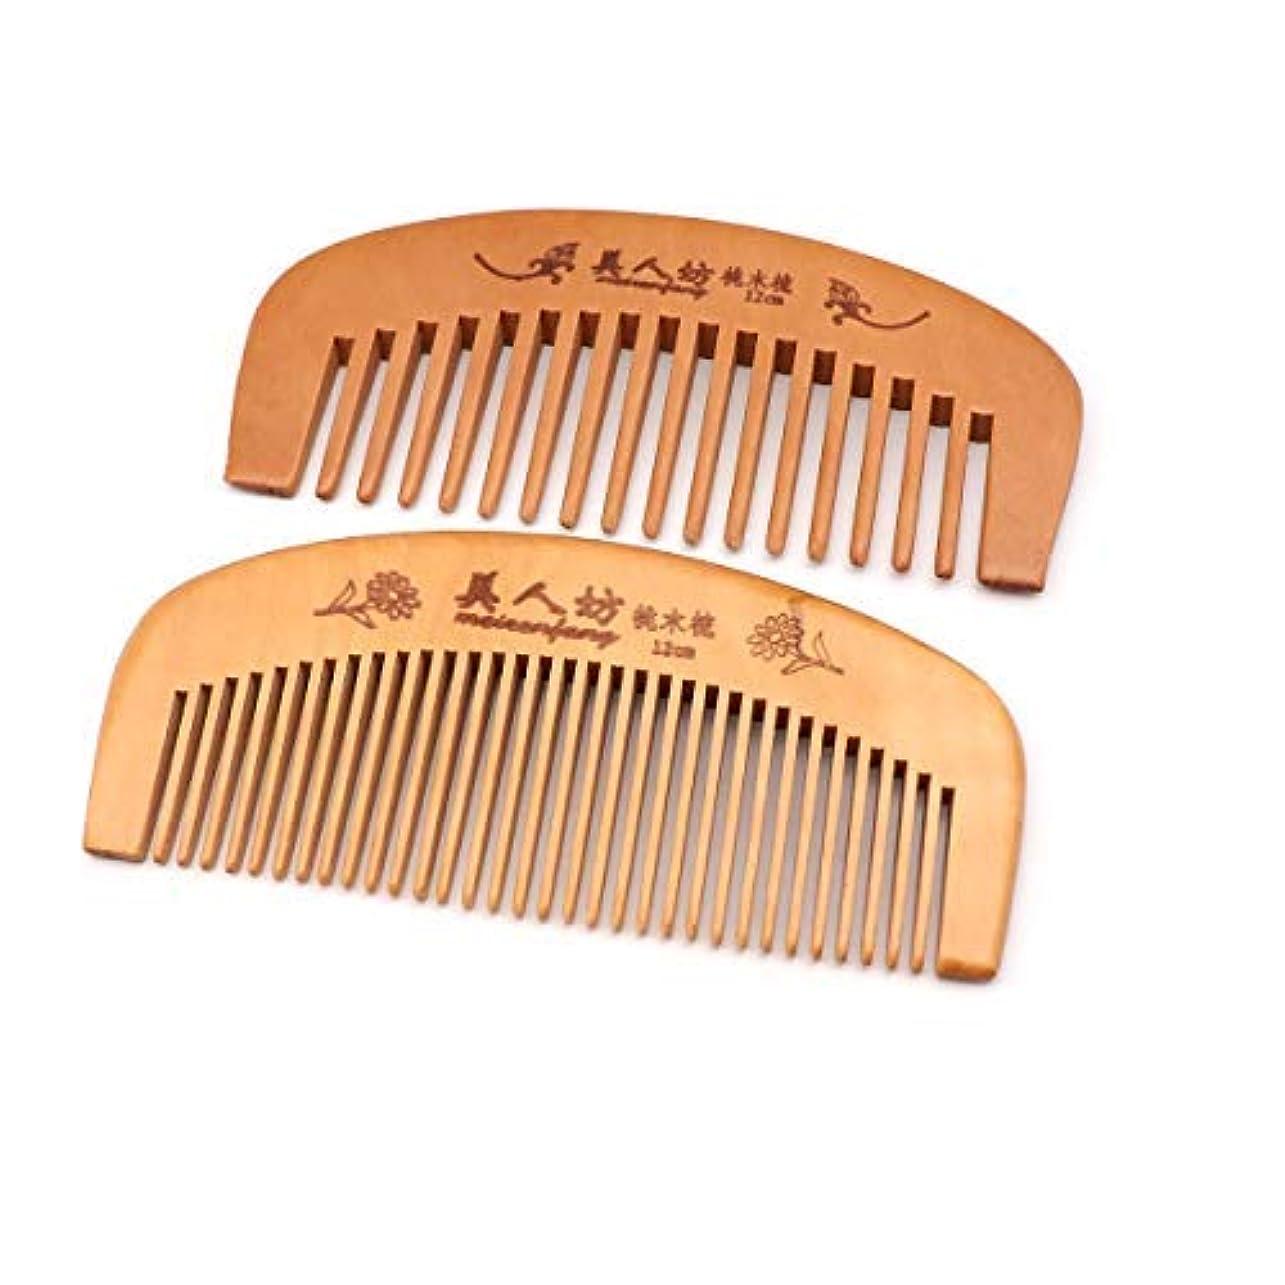 あたりモック退却Handmade Wooden Hair Comb for Curly Wide Toothed Wooden Comb, anti-Static and Barrier-free Hand Brushing Beard, hair, Suitable for Women, Male Static Natural Wood Sandalwood Comb (Short comb) [並行輸入品]